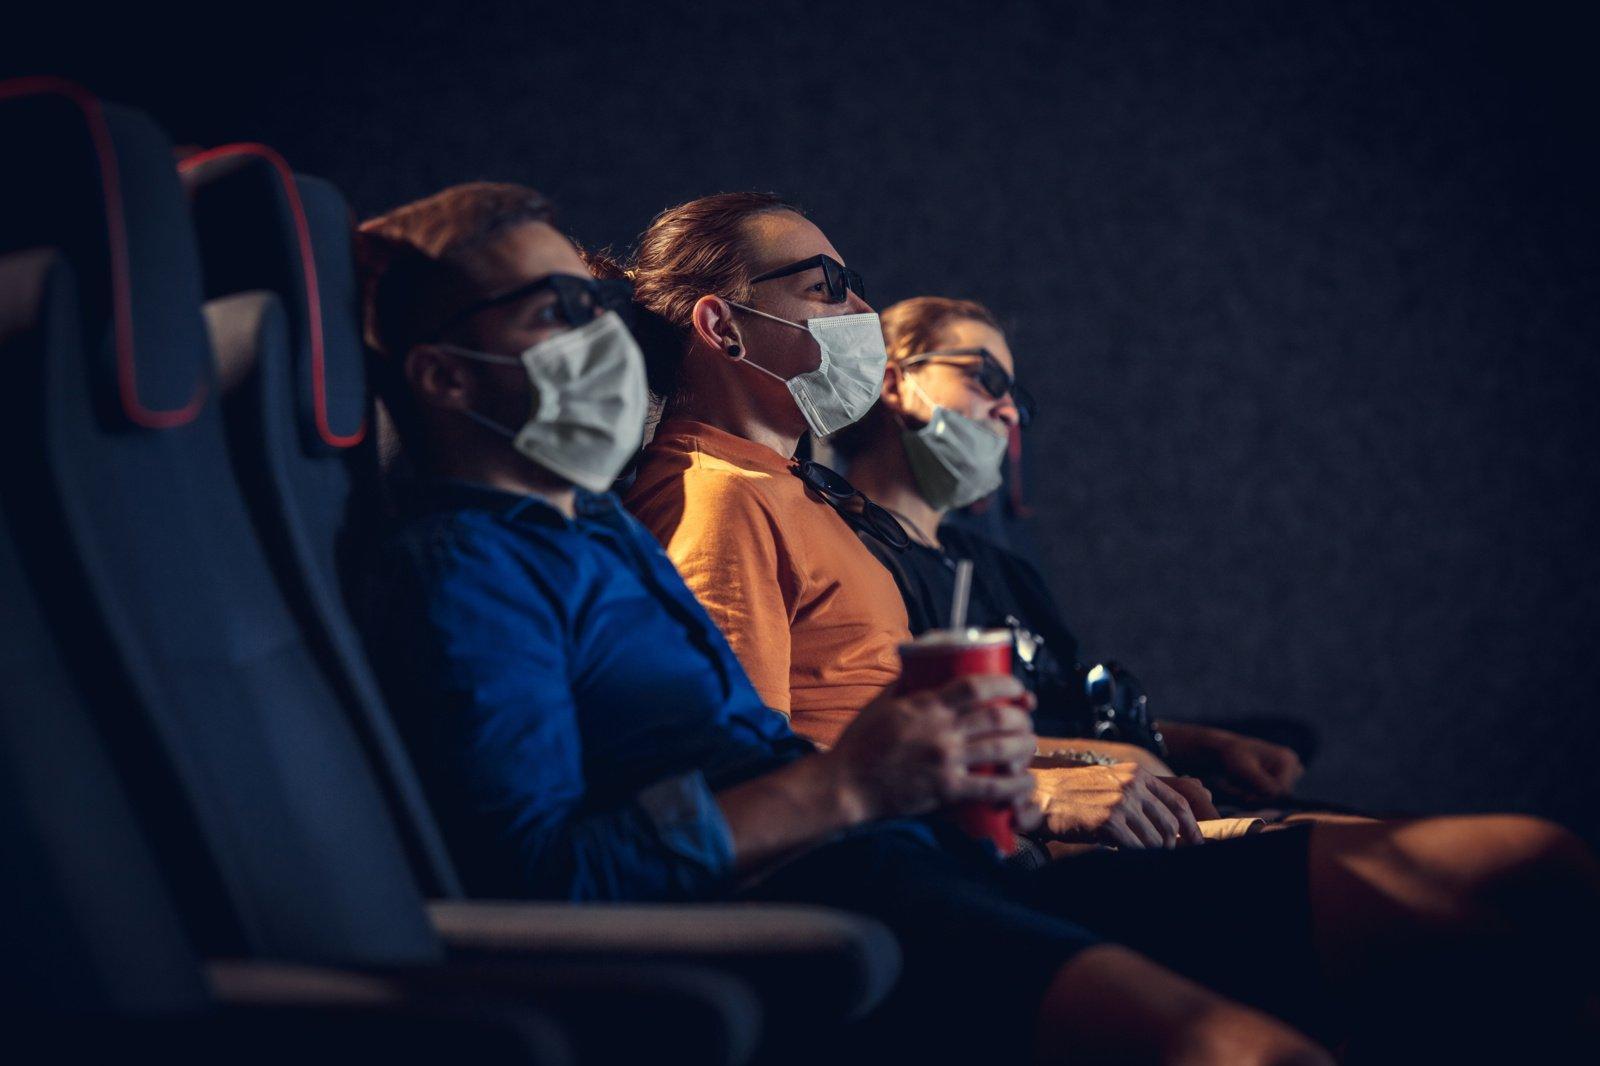 Dėl COVID-19 nukentėjusiam kino sektoriui išdalinta 6,2 mln. eurų parama